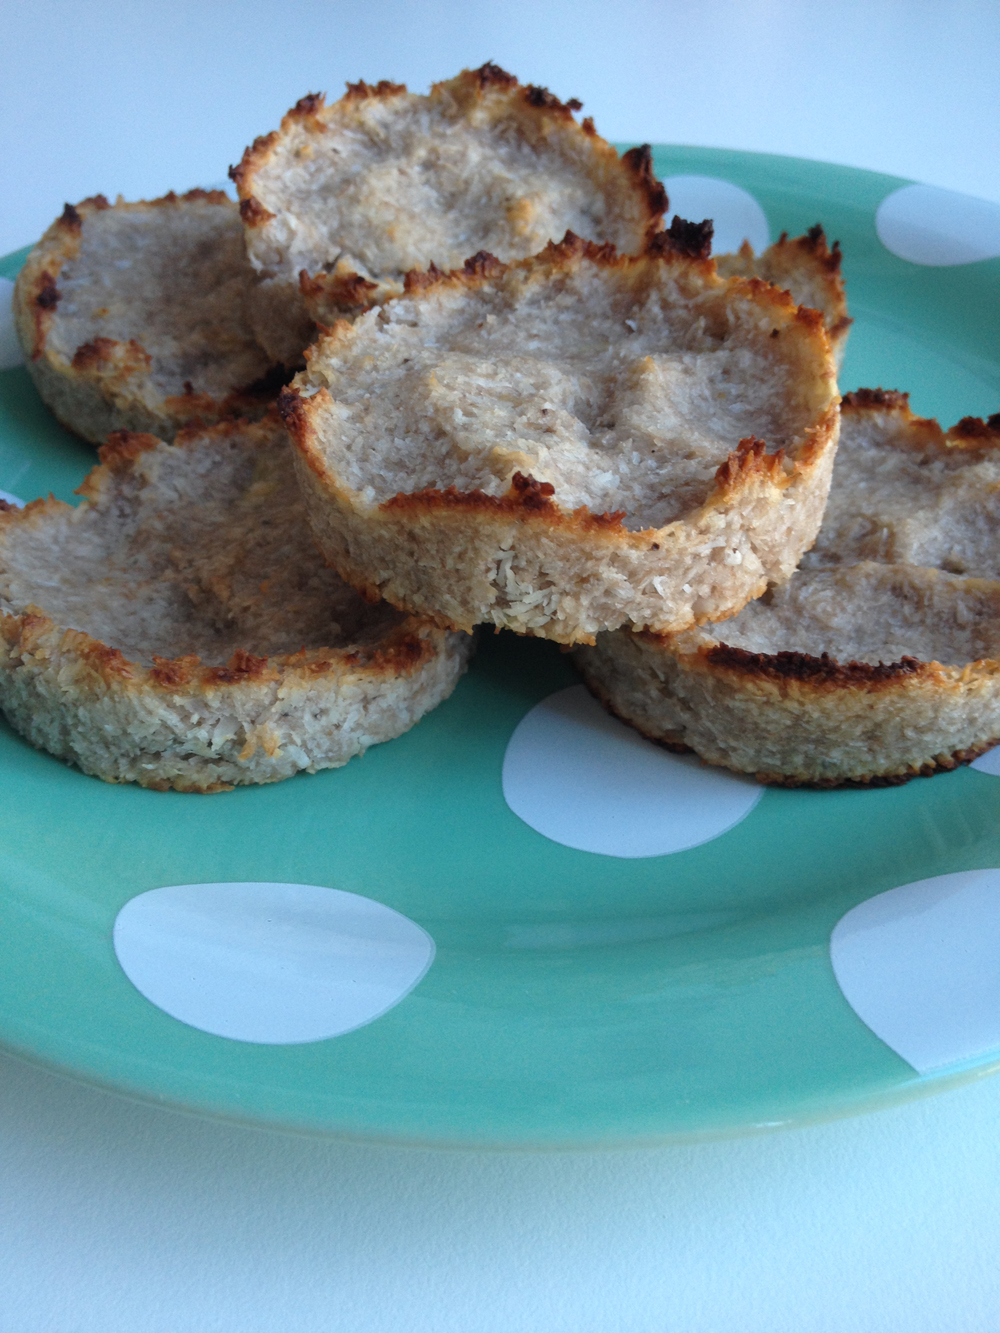 Two ingredient banaan kokos koekjes